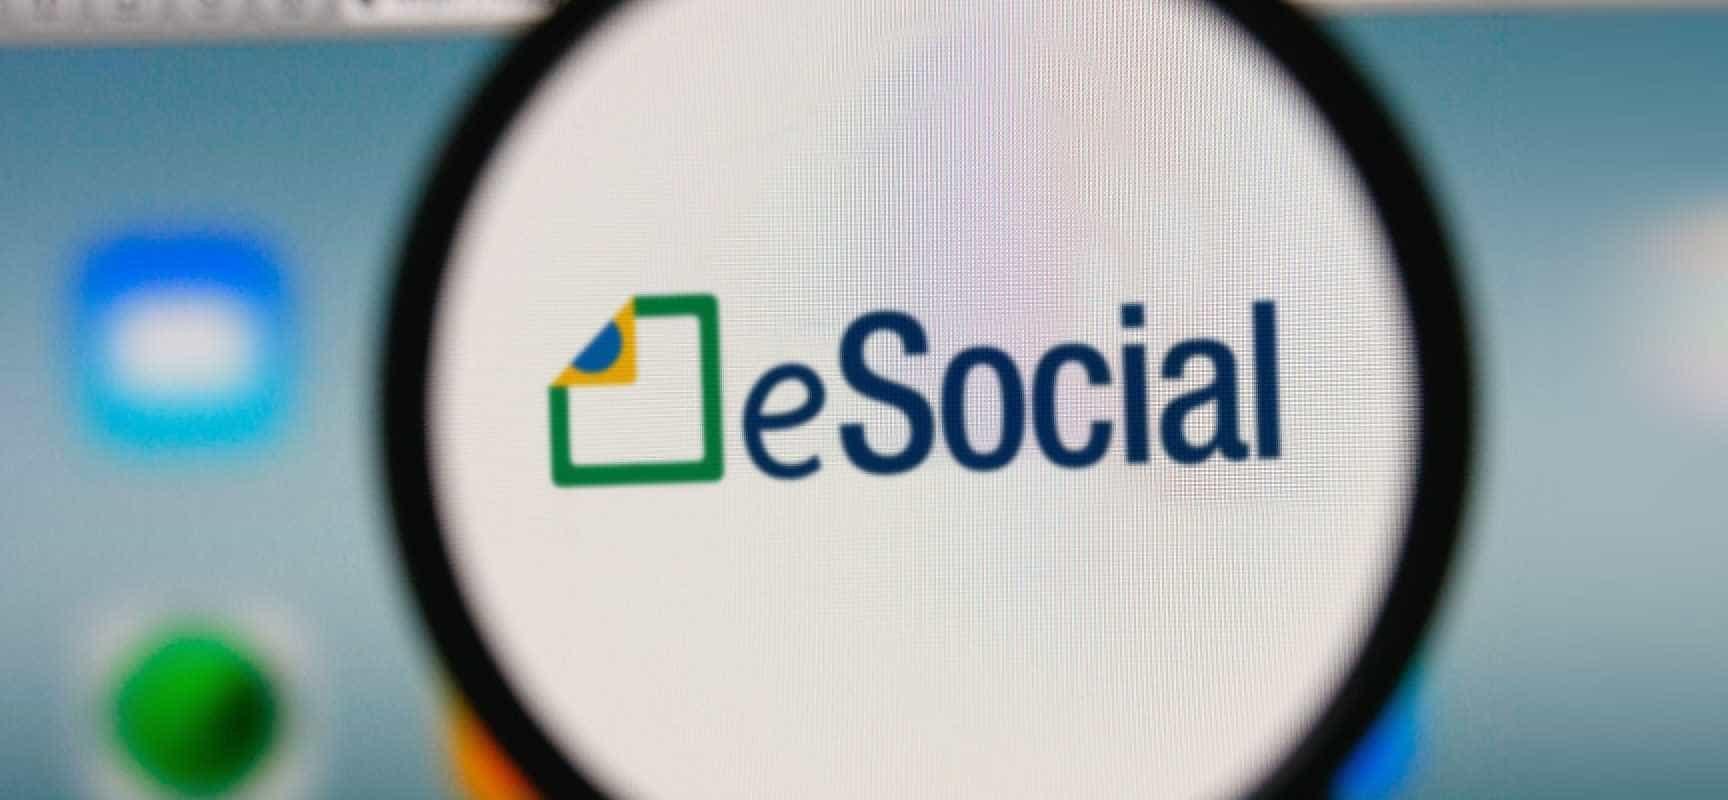 Nova fase do eSocial começa nesta quarta-feira; entenda